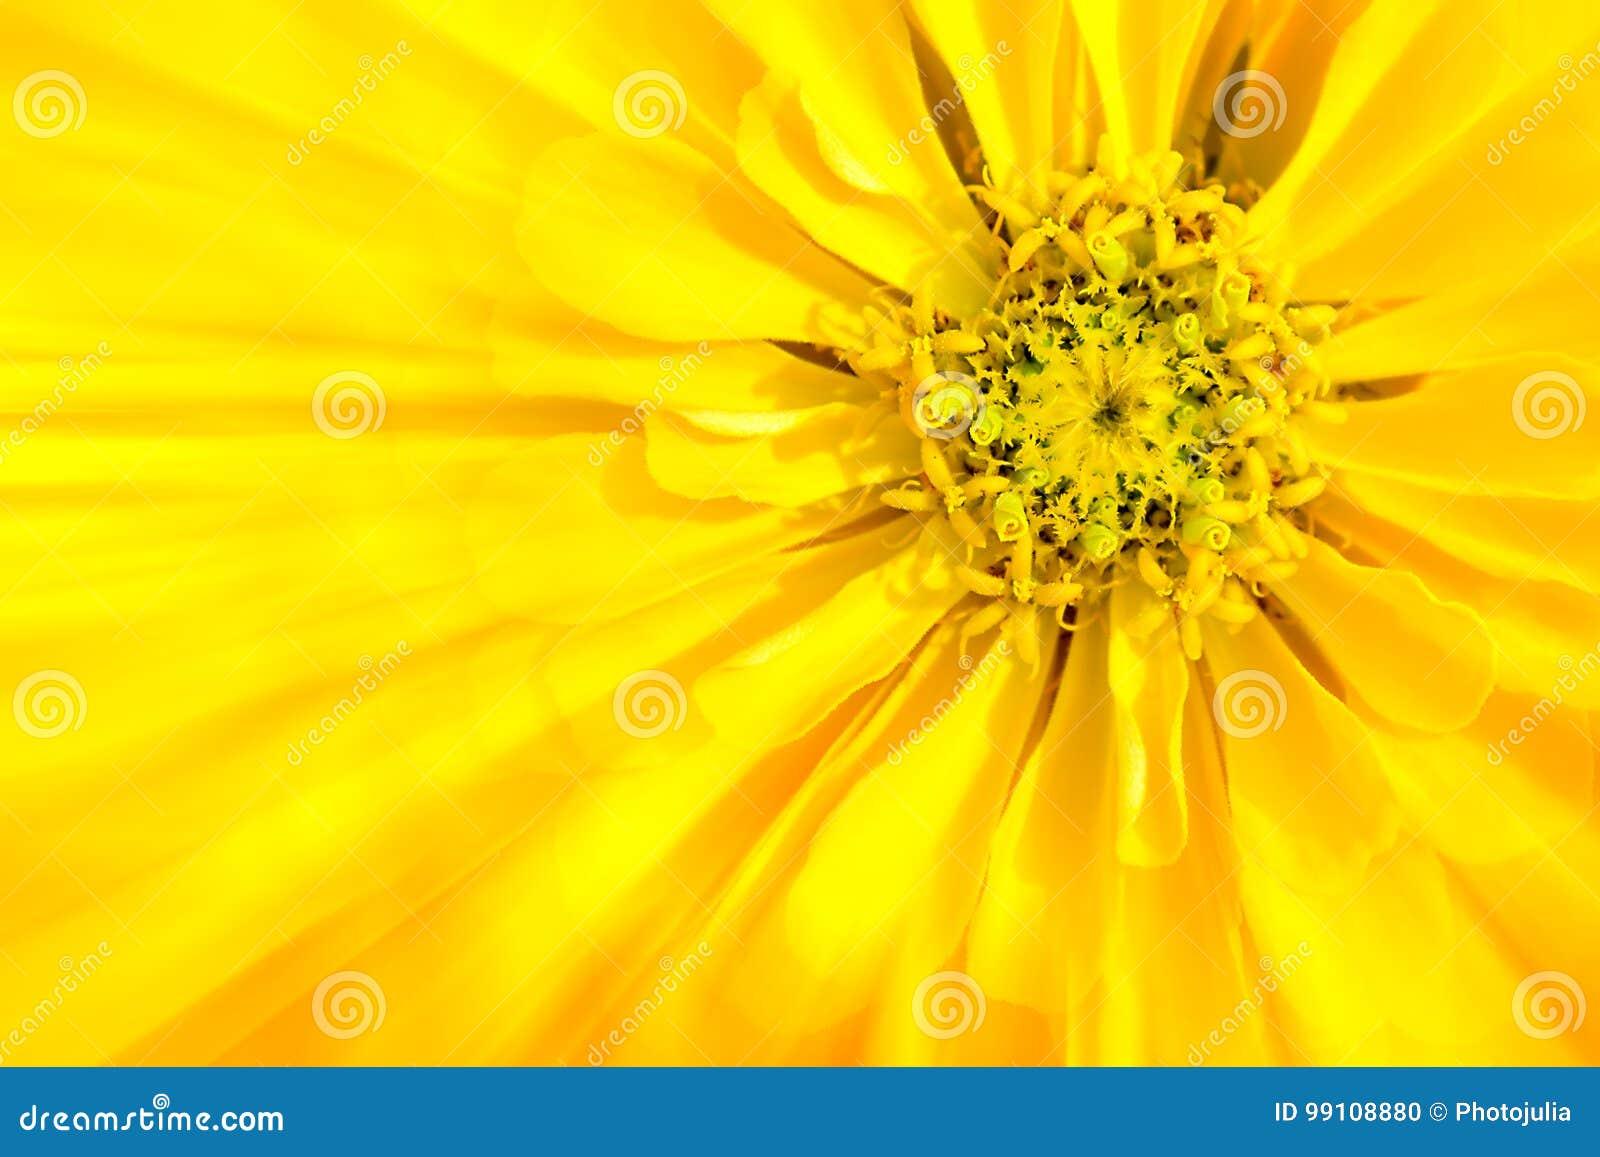 Il fiore è zinnia gialla